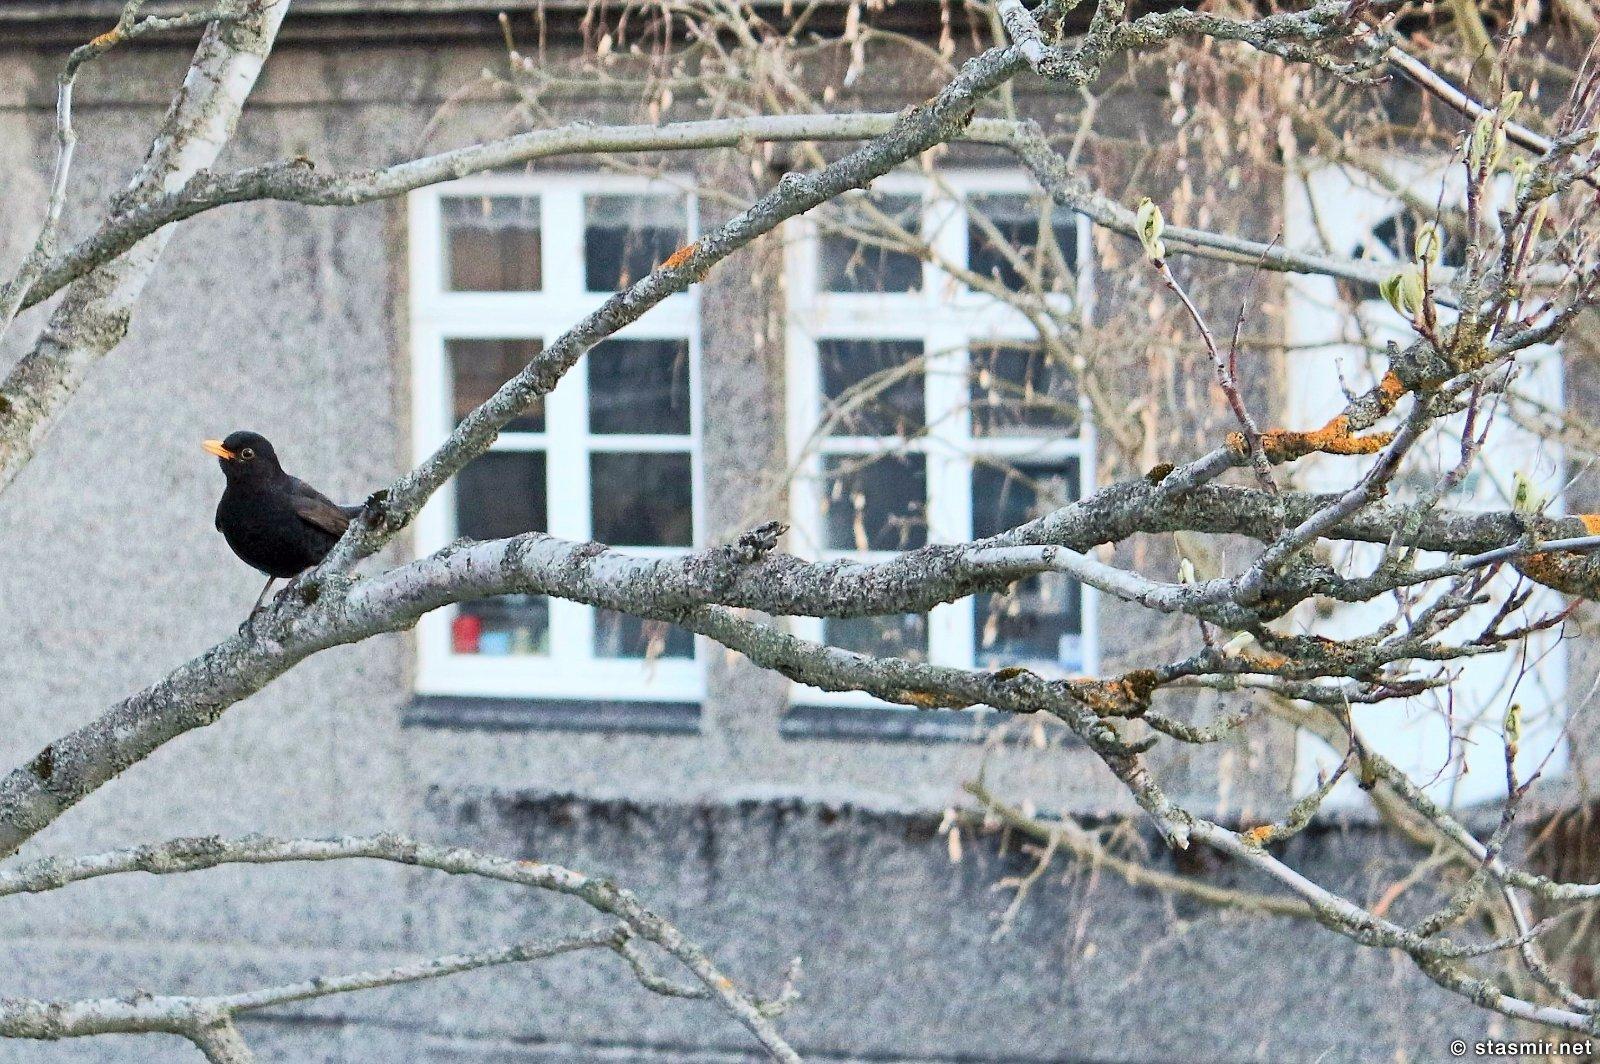 ЧЕРНЫЙ ДРОЗД поет за моим окном в Исландии, май 2016 года, фото Стасмир, photo Stasmir